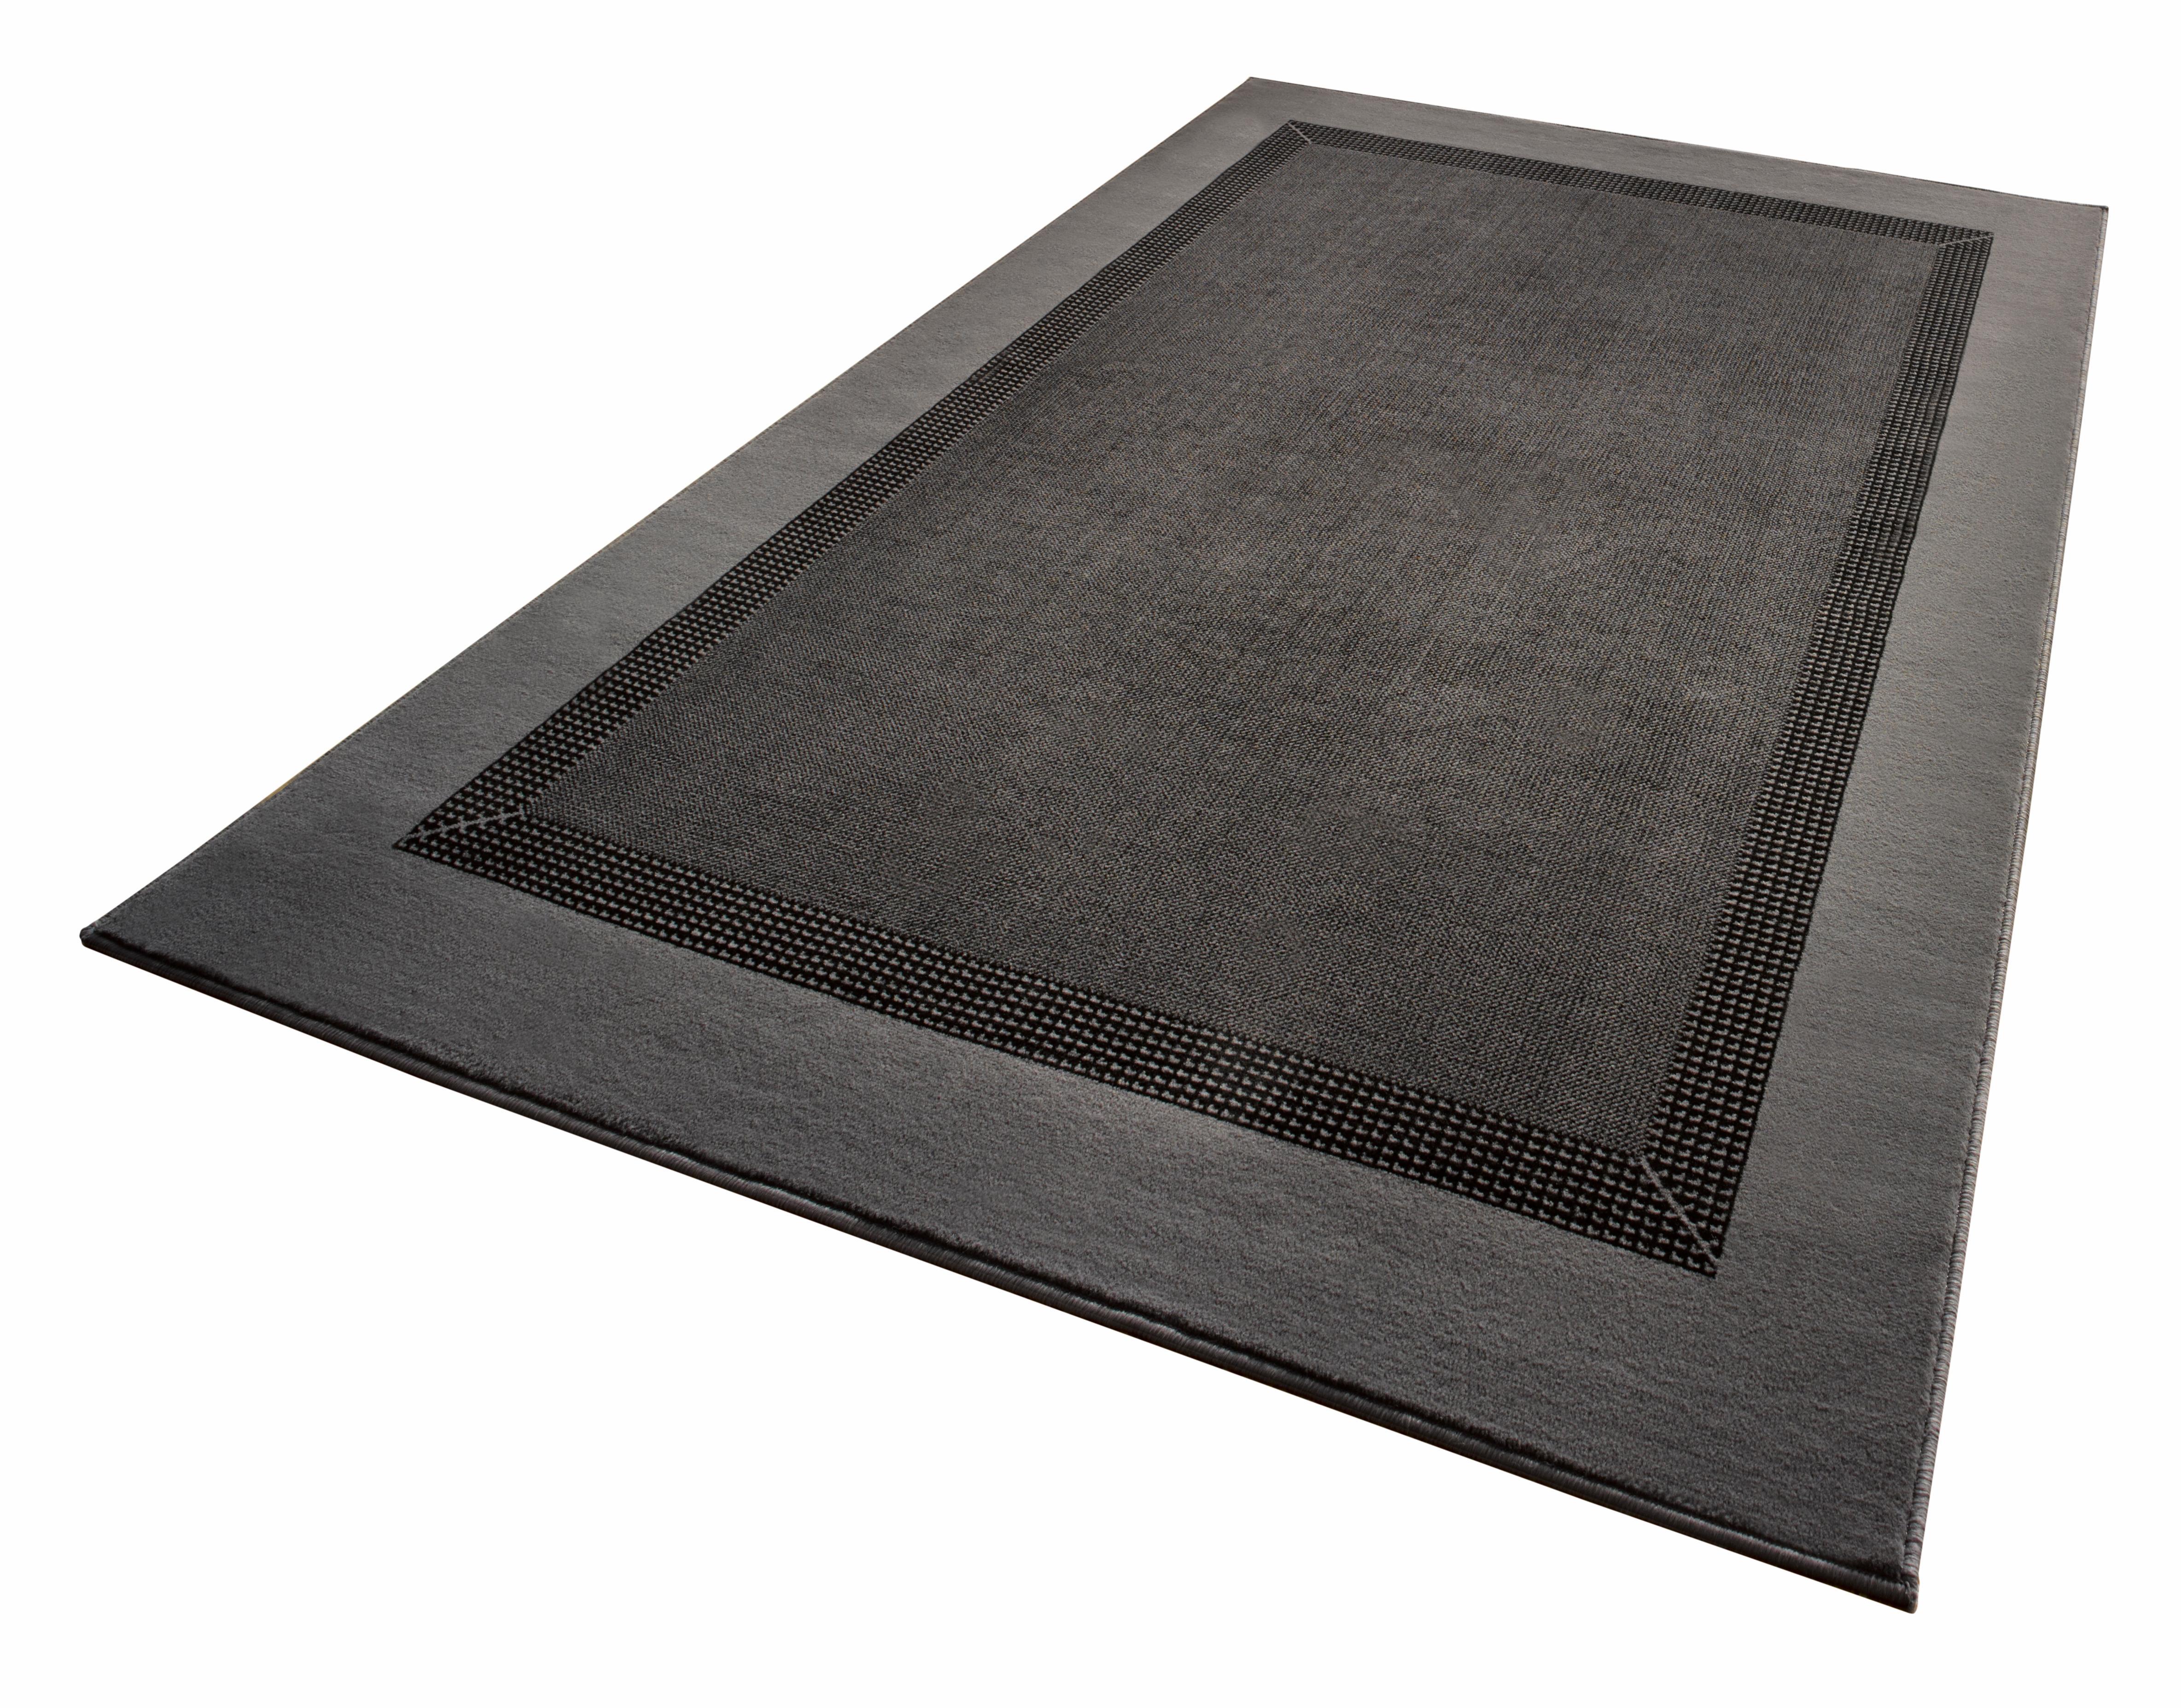 Teppich Band HANSE Home rechteckig Höhe 9 mm